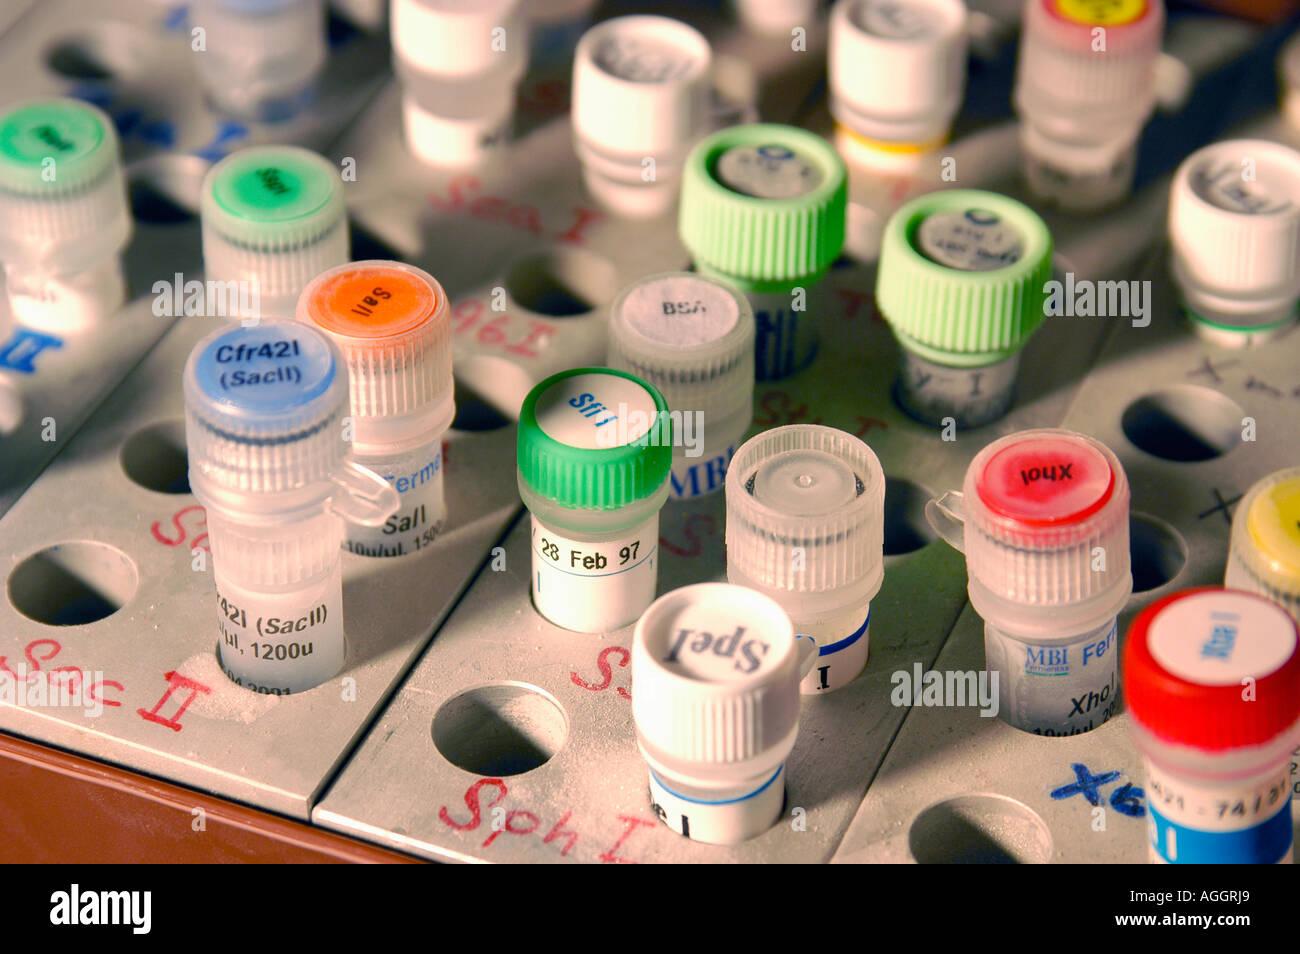 Les échantillons dans le congélateur contenant du matériel de modification génétique / génie génétique (c.-à-d. des enzymes de restriction, les particules moléculaires utilisés Photo Stock